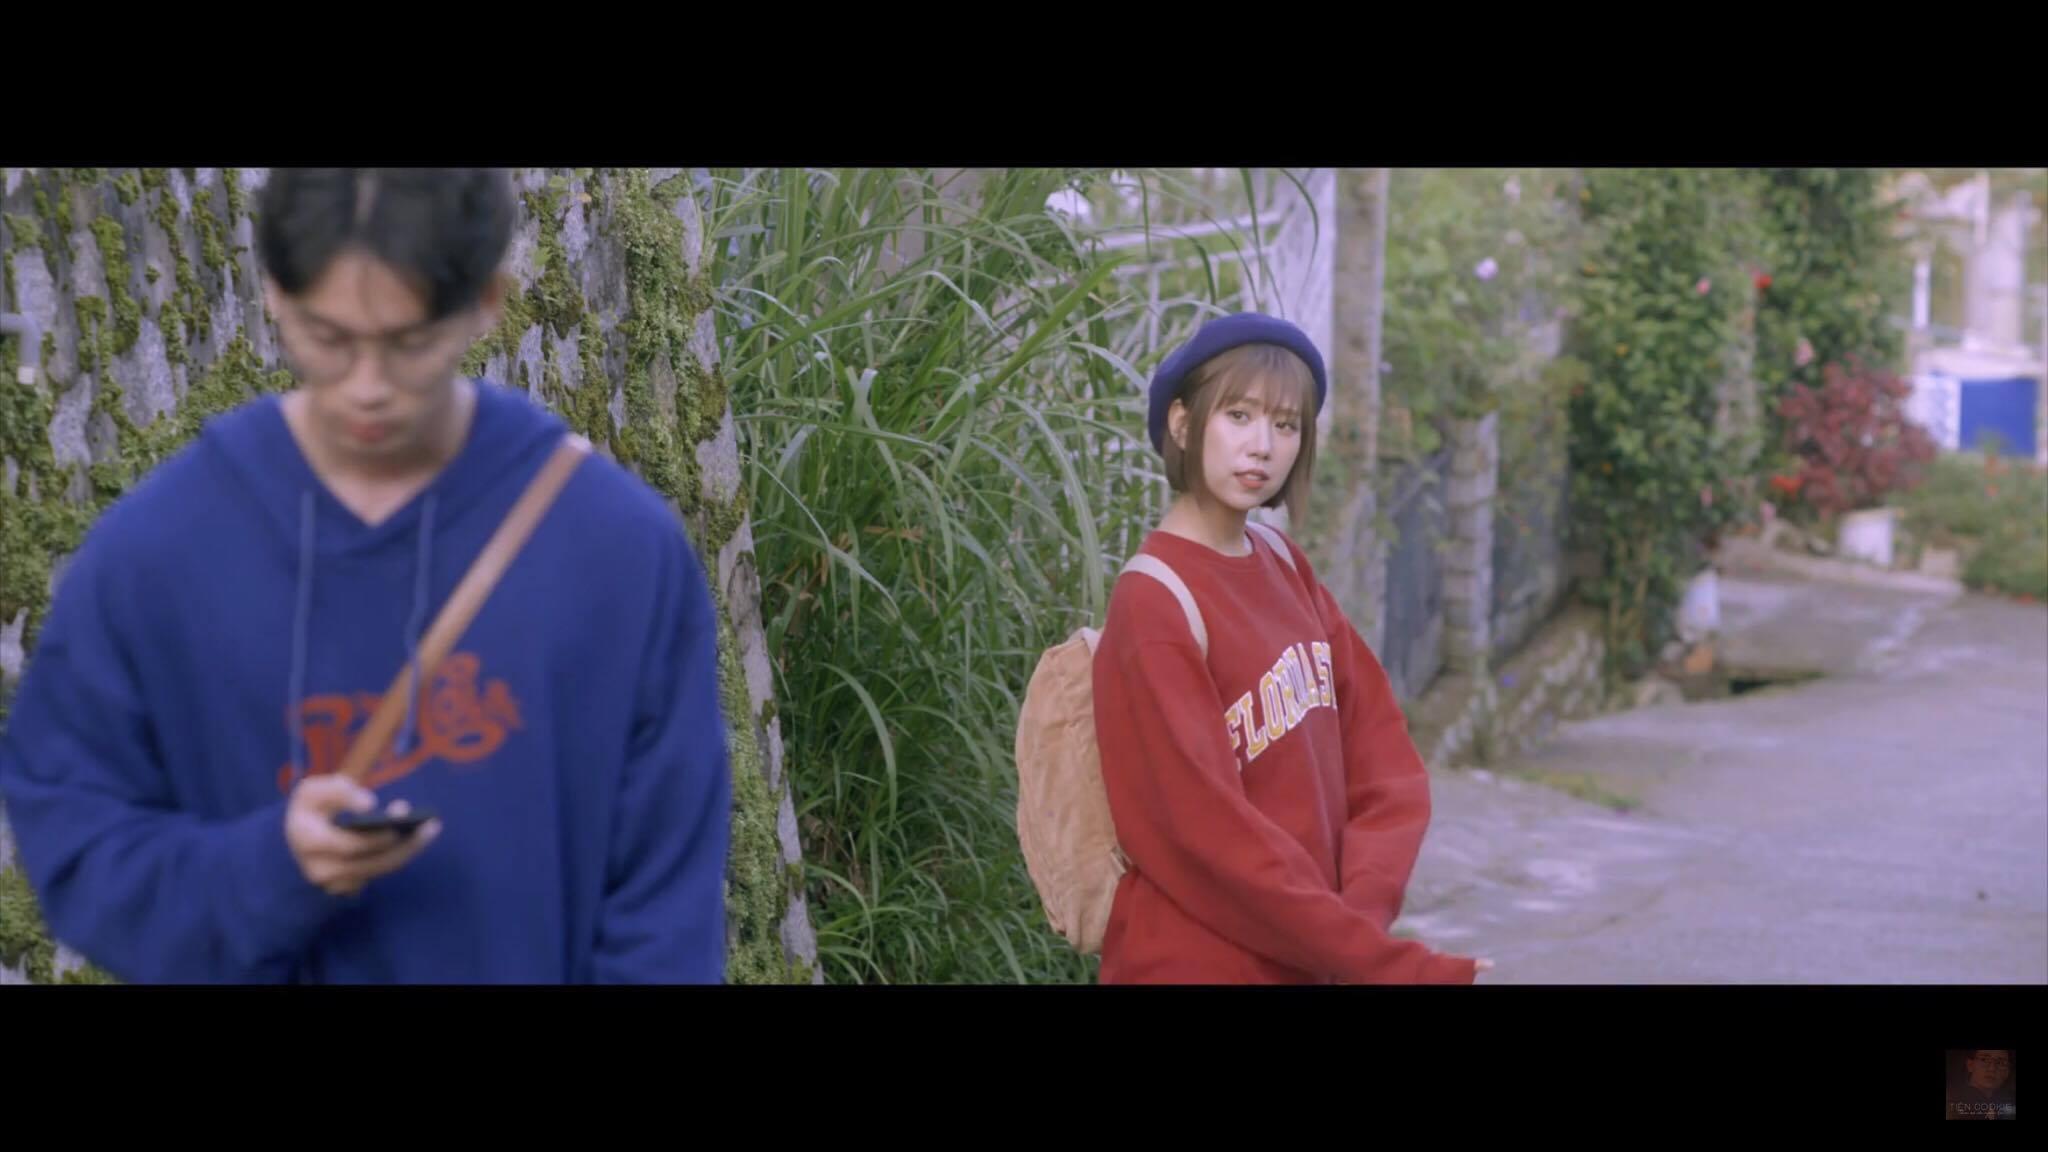 Thời trang rực rỡ của Min trong MV Người em tìm kiếm khiến giới trẻ đua nhau học hỏi-7